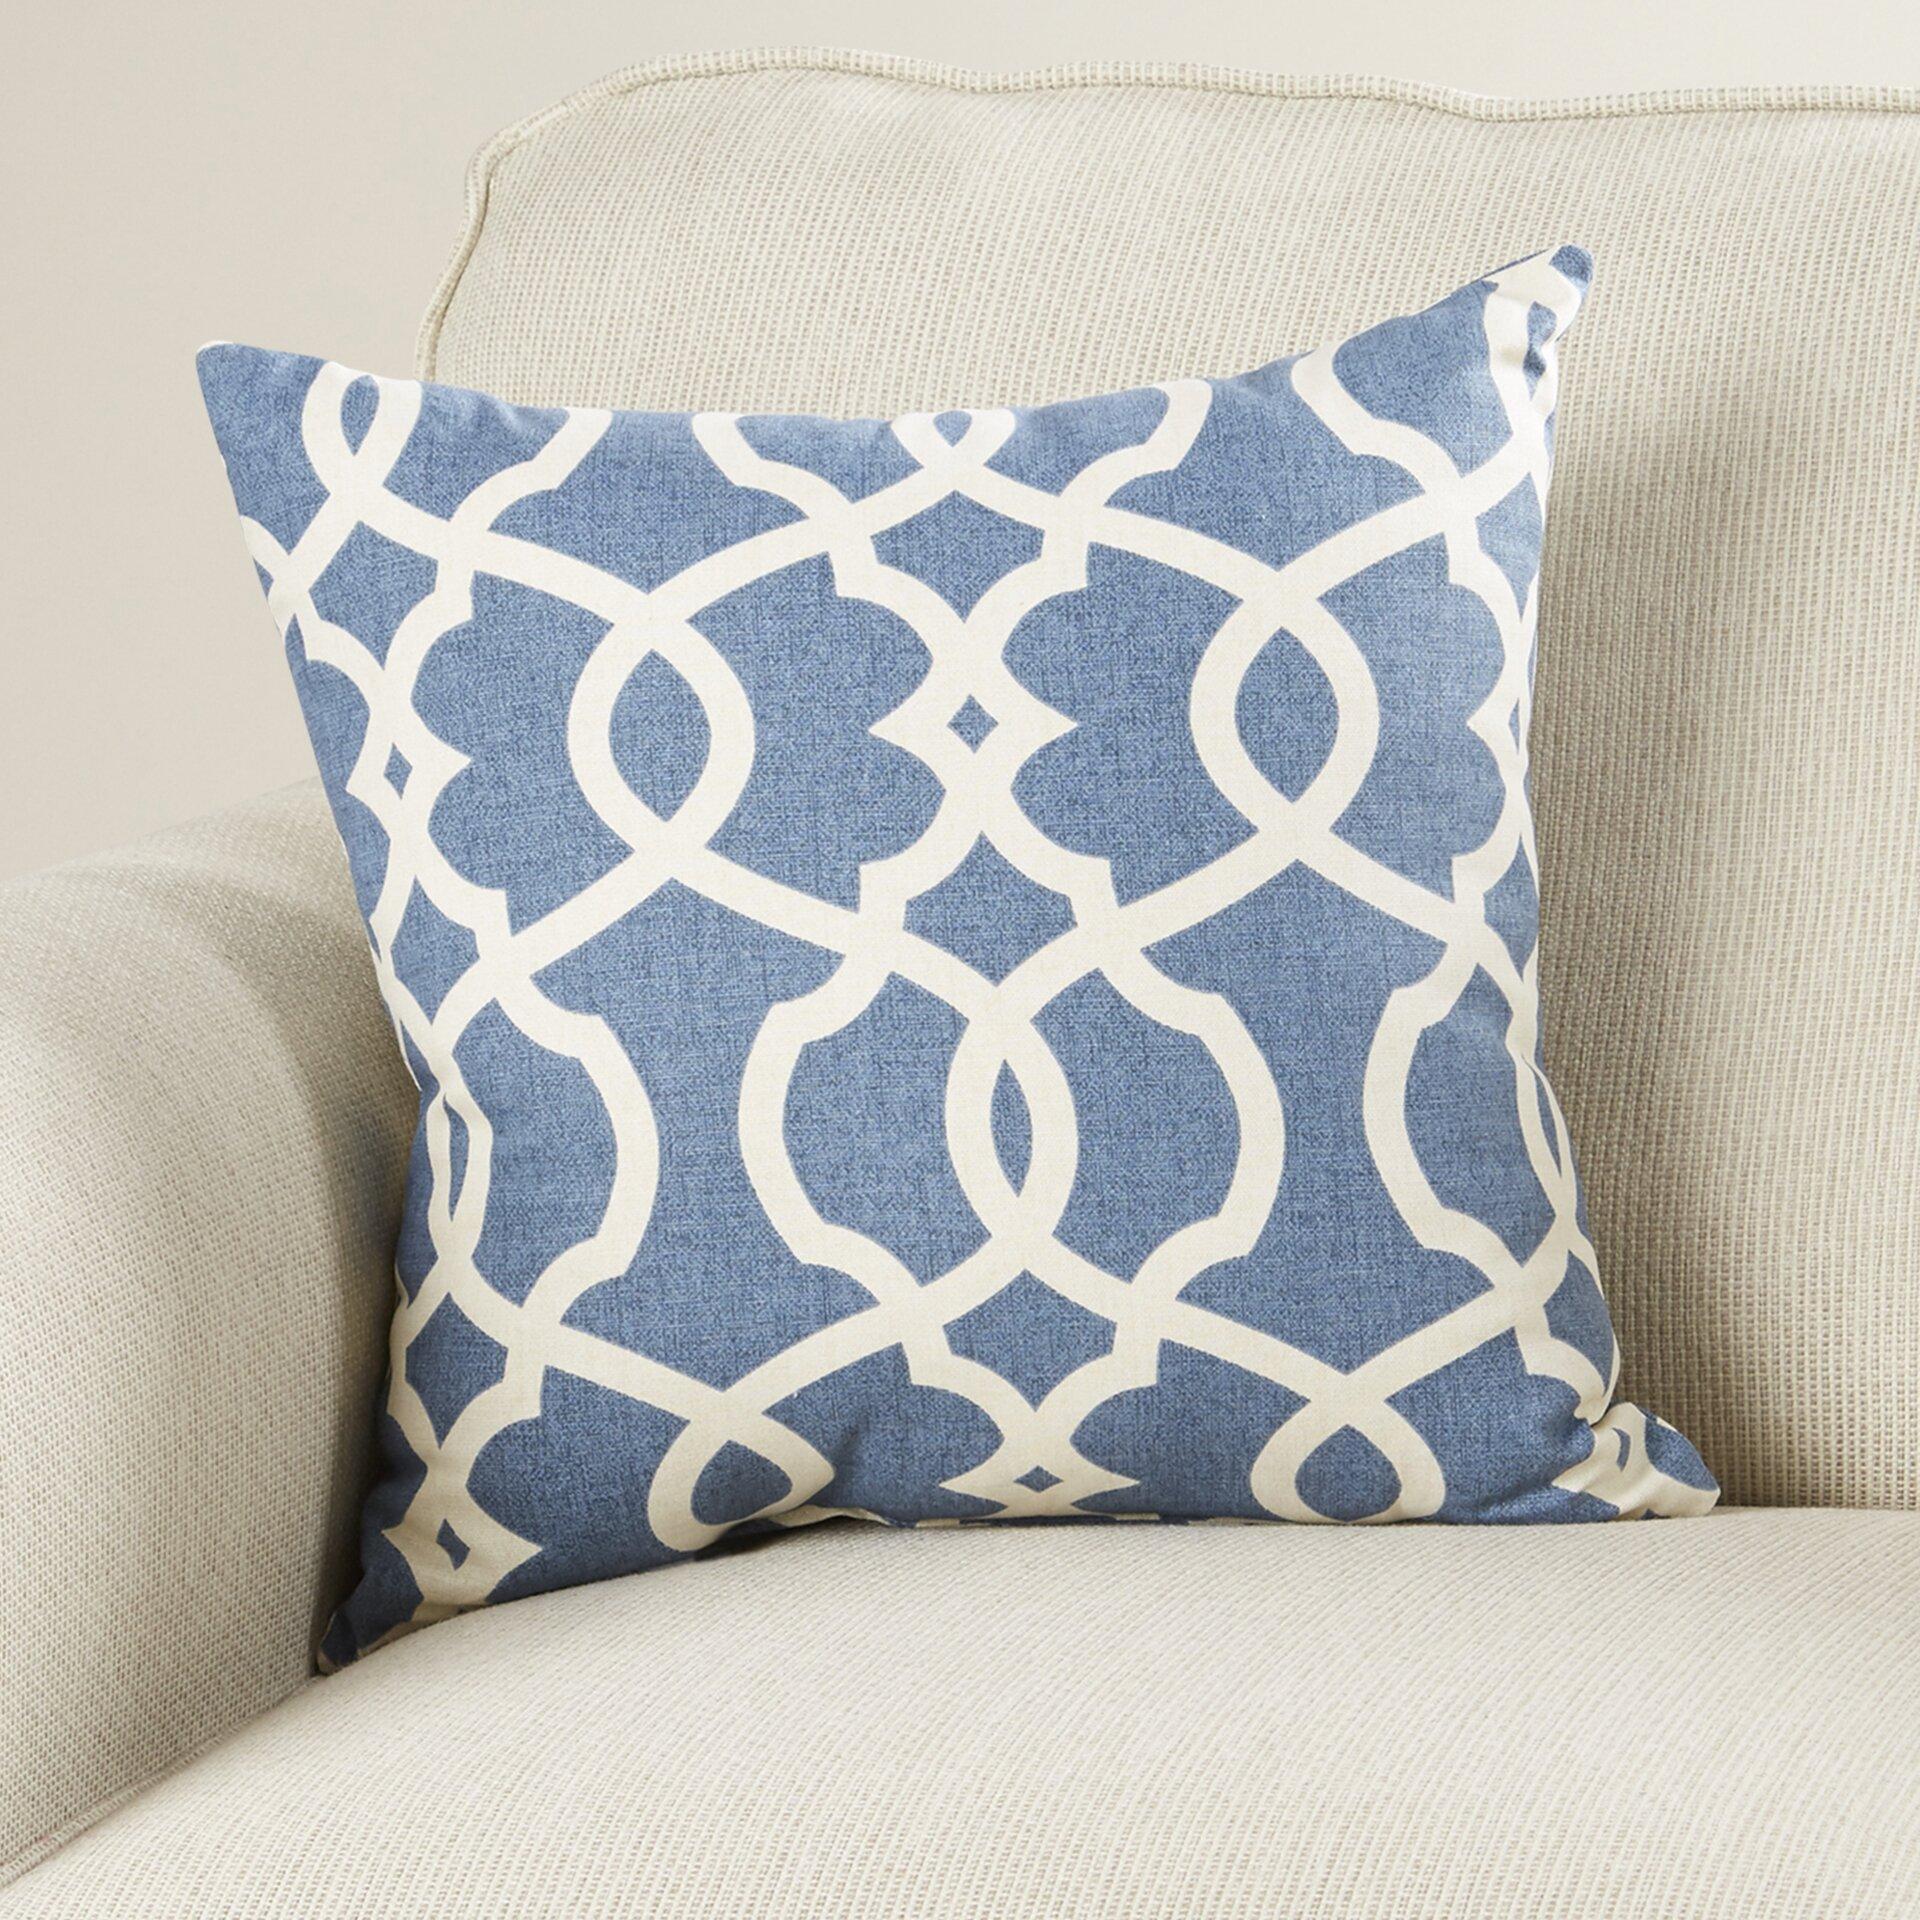 Throw Pillows Damask : Bungalow Rose Alberts Damask Cotton Throw Pillow & Reviews Wayfair